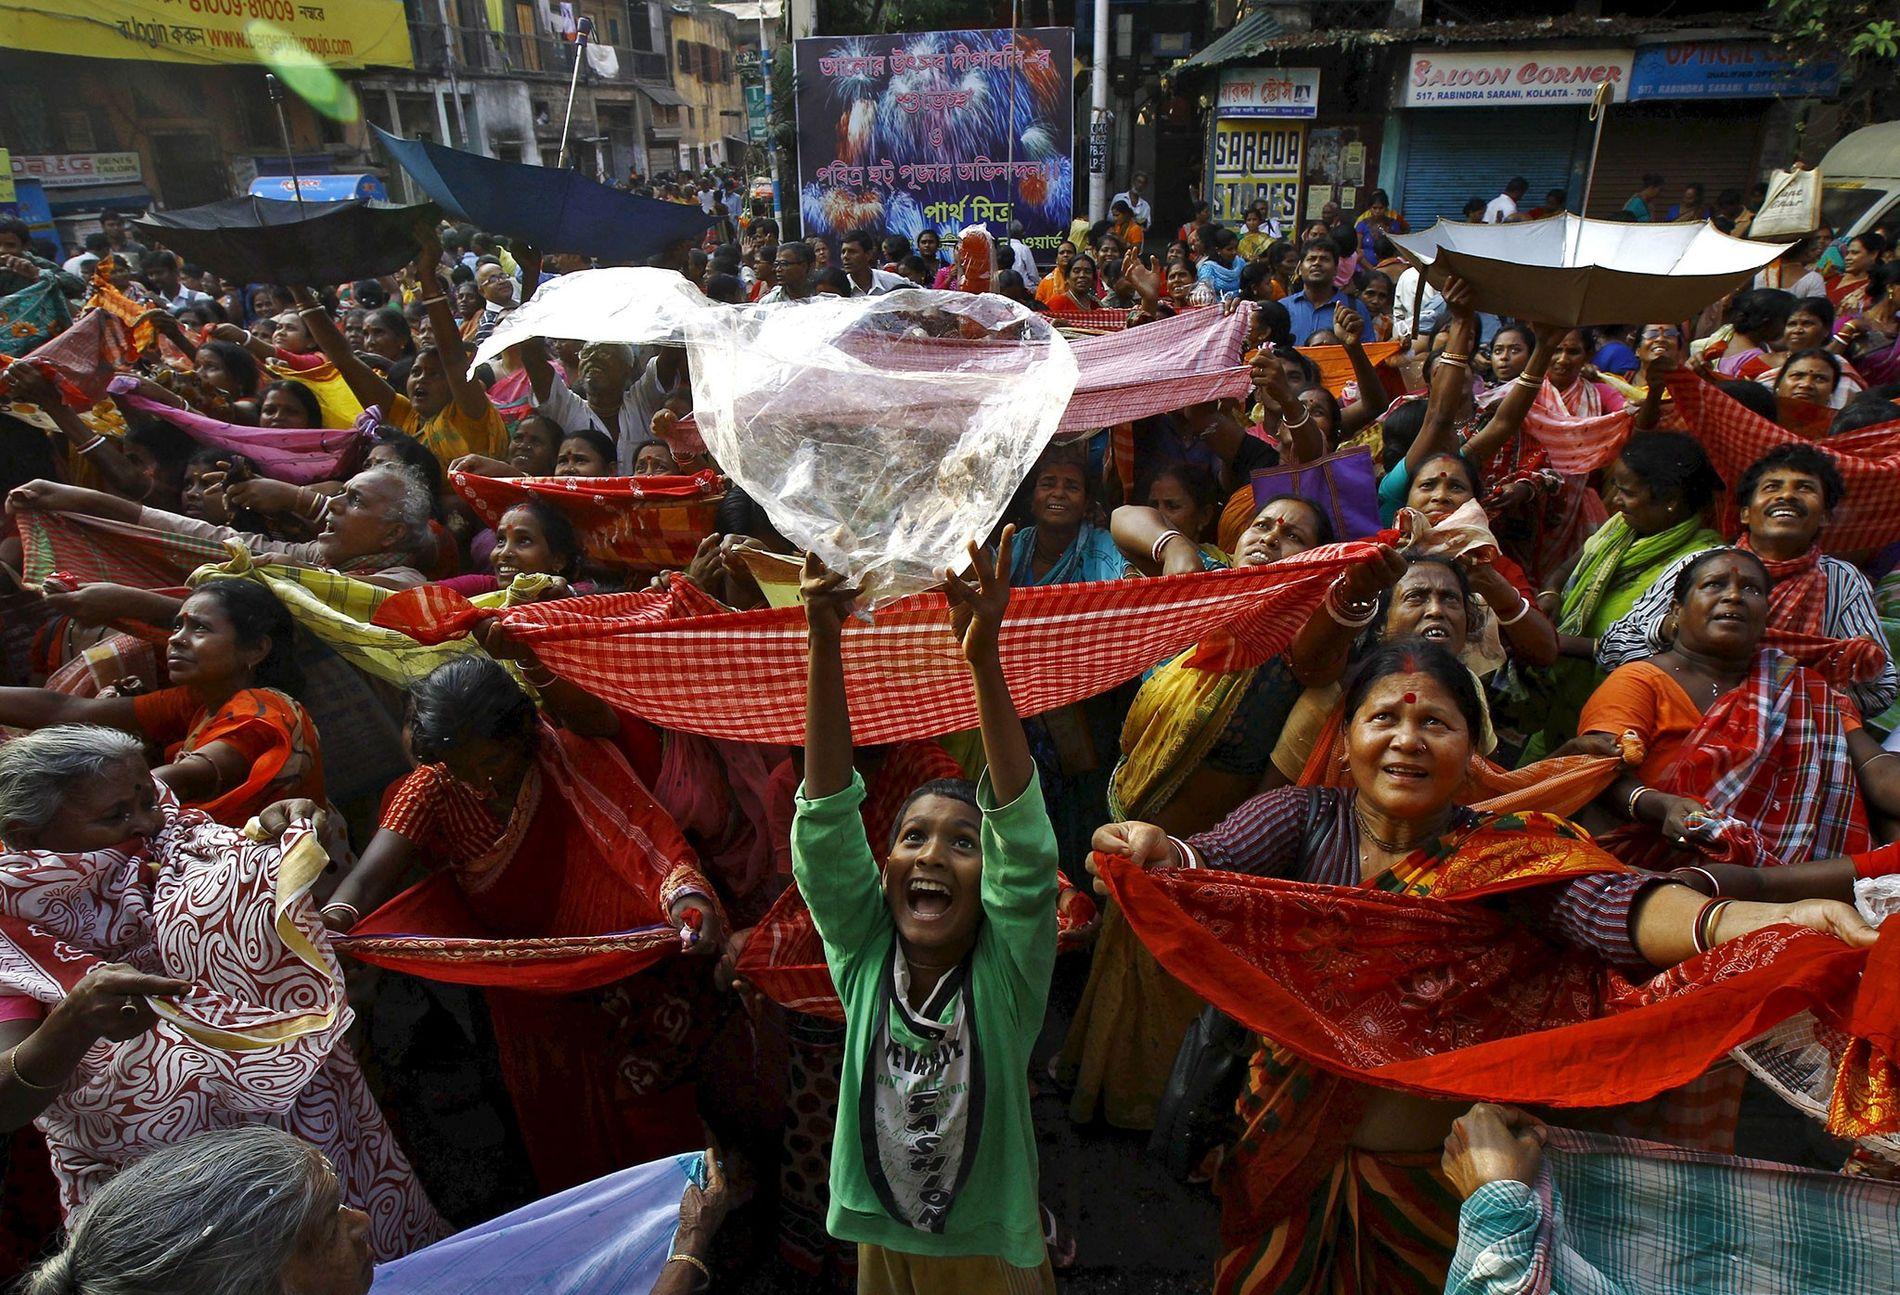 Um menino segura uma sacola plástica para receber arroz distribuído como oferenda pela autoridade do templo no festival de Annakut, em Kolkata, na Índia. Muitos locais religiosos no país estão tomando providências para reduzir o uso de plástico.